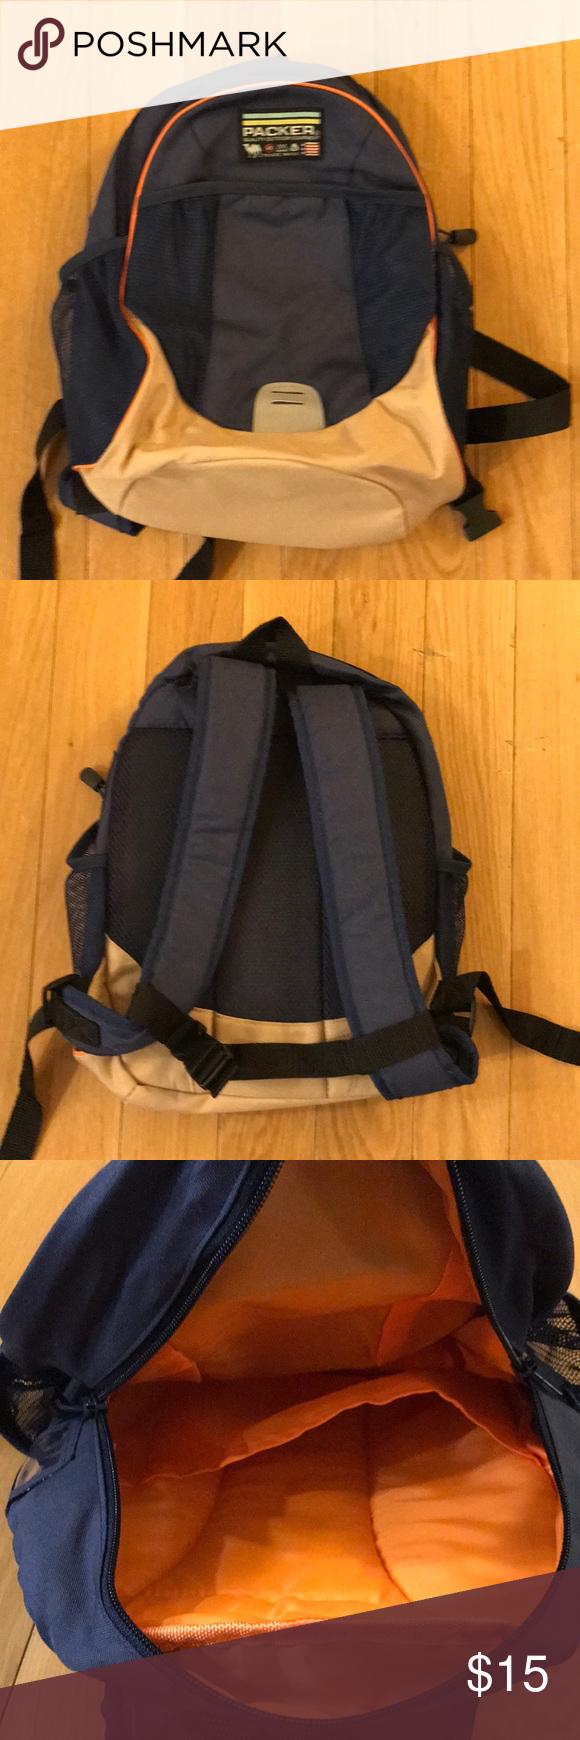 350dd33714 NWOT Bit z Kids Ampersand Preschool Backpack New Bit z Kids School Backpack  -